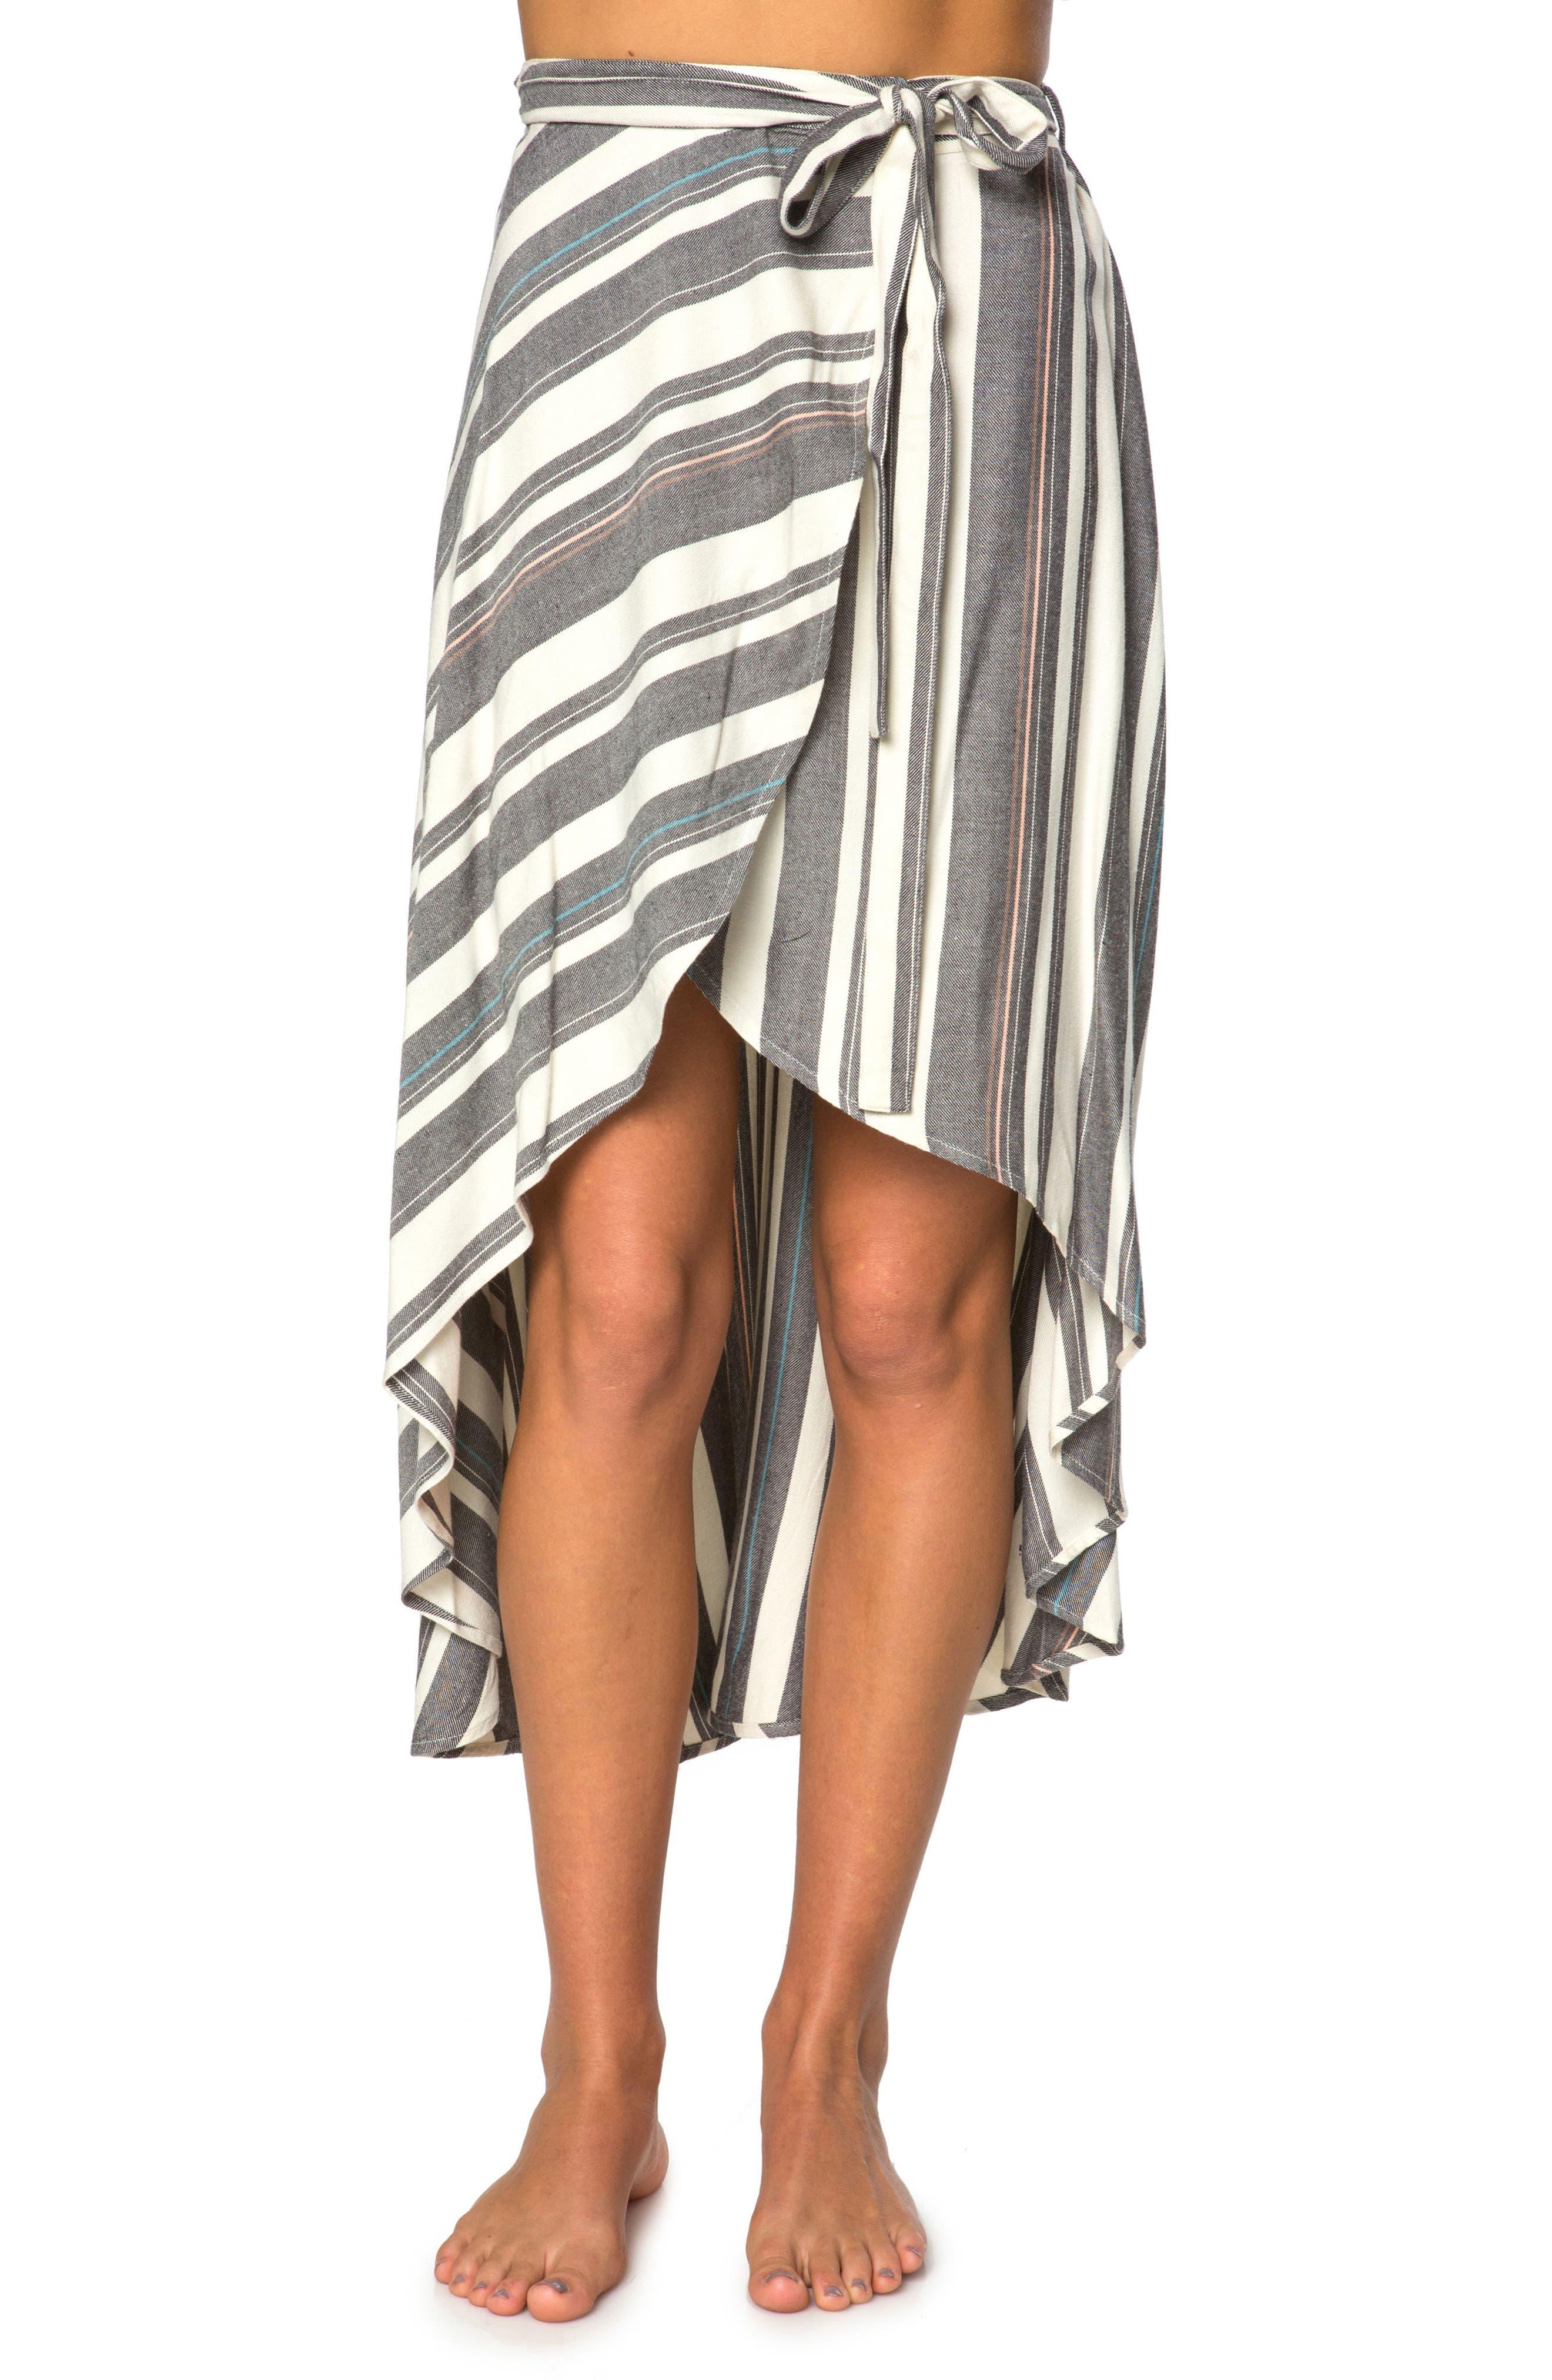 O'Neill x Natalie Off Duty Savi Woven Skirt